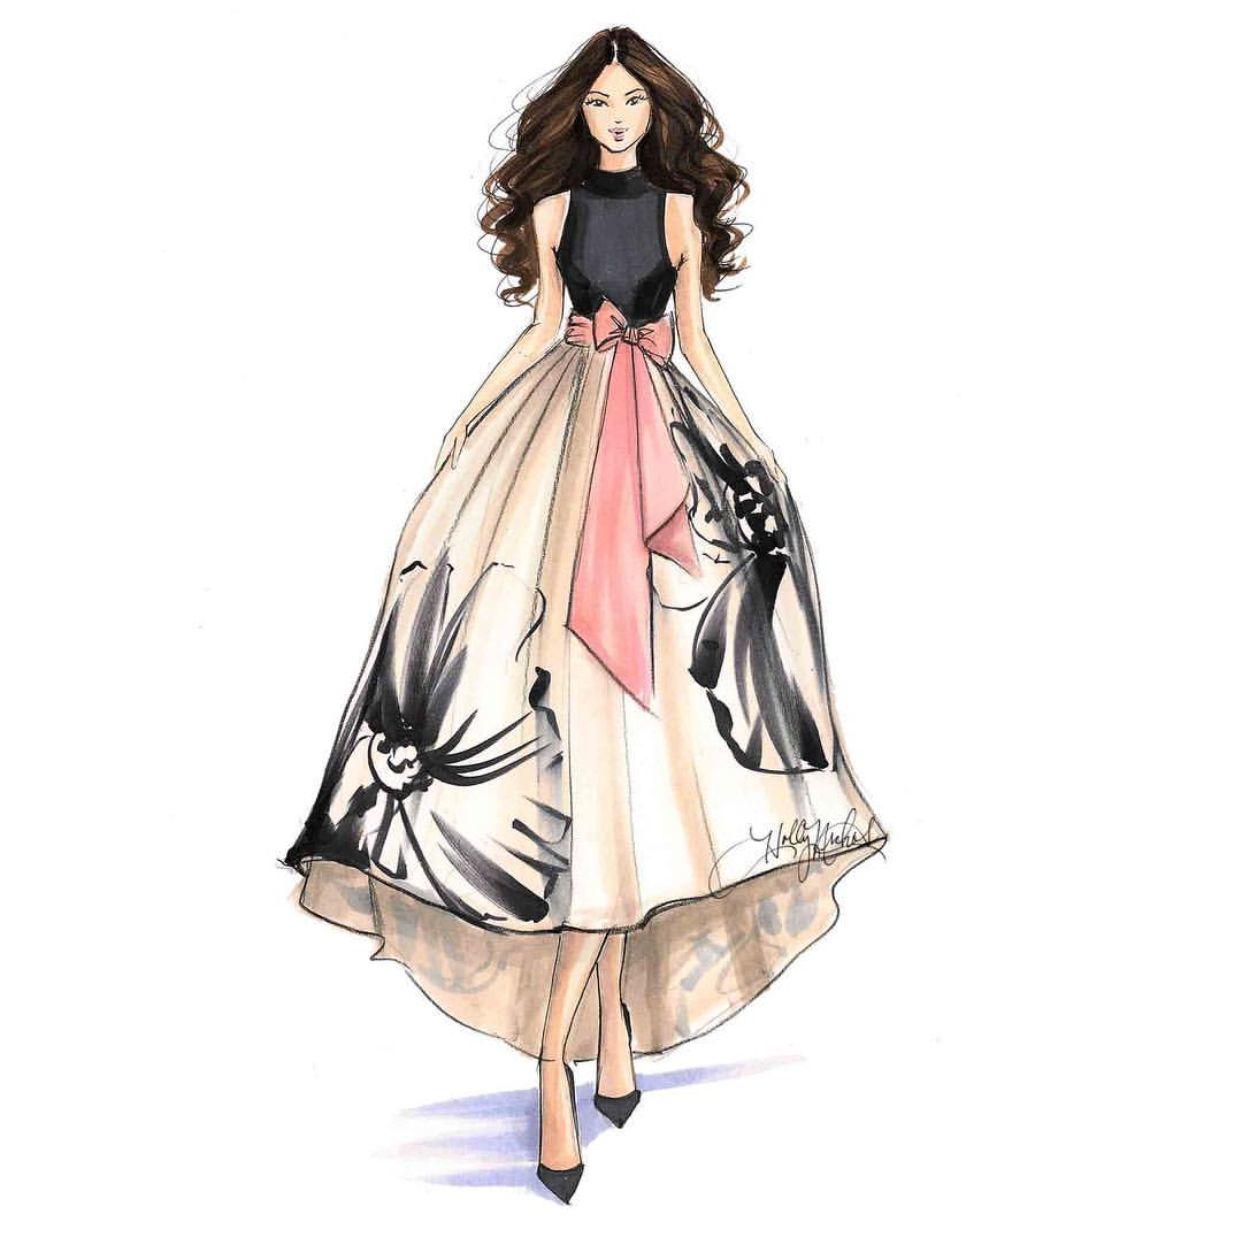 Featuring Hnicholsillustration Anthropologie Mzmanerz Fashionillus Fashion Illustration Fashion Illustration Dresses Fashion Illustration Sketches Dresses Fashion designing sketches of models